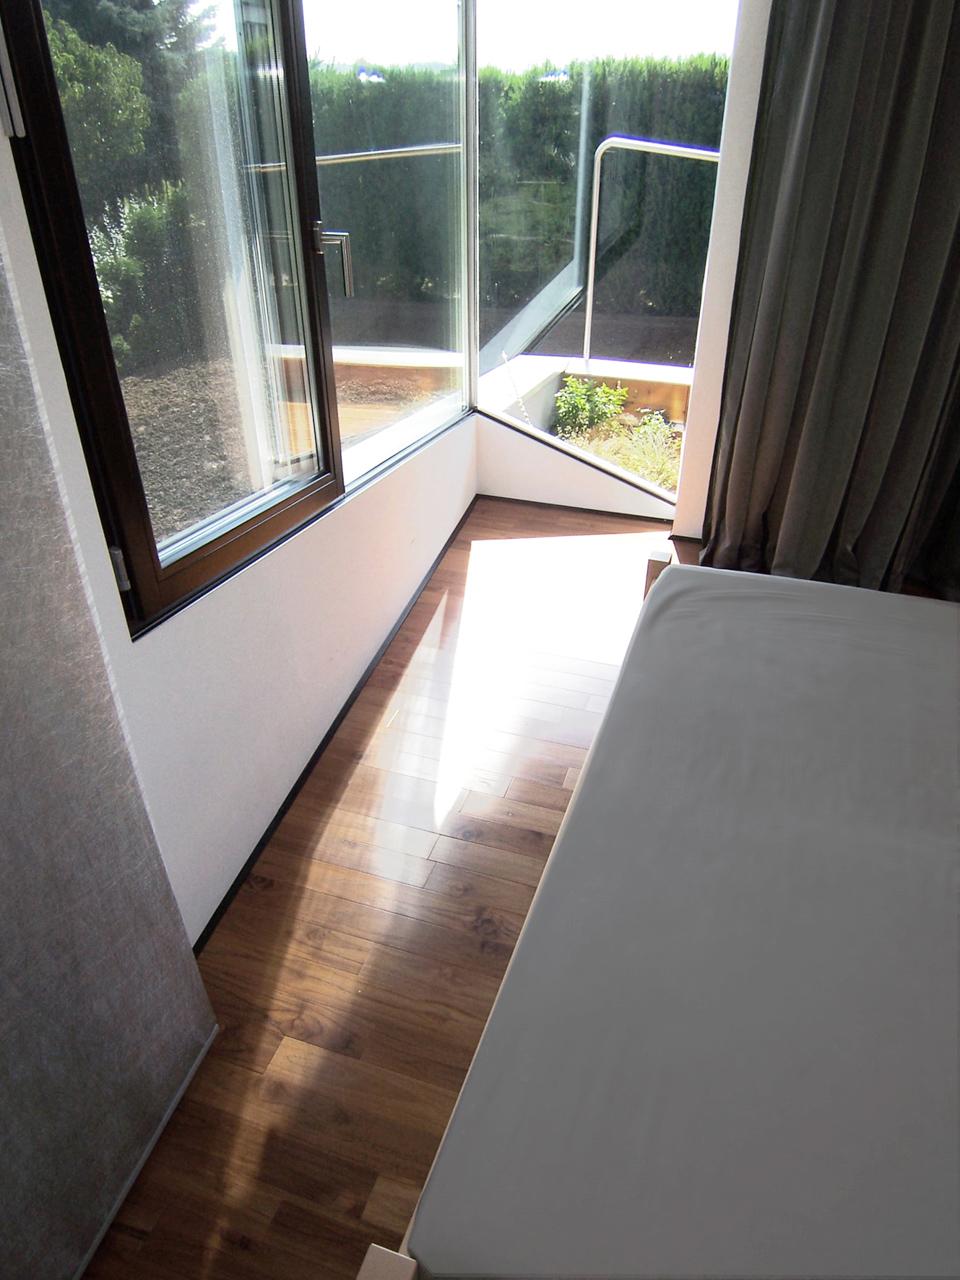 Helle Schlafräume mit großzügigem Ausblick in einem Einfamilienhaus der Paschinger Architekten